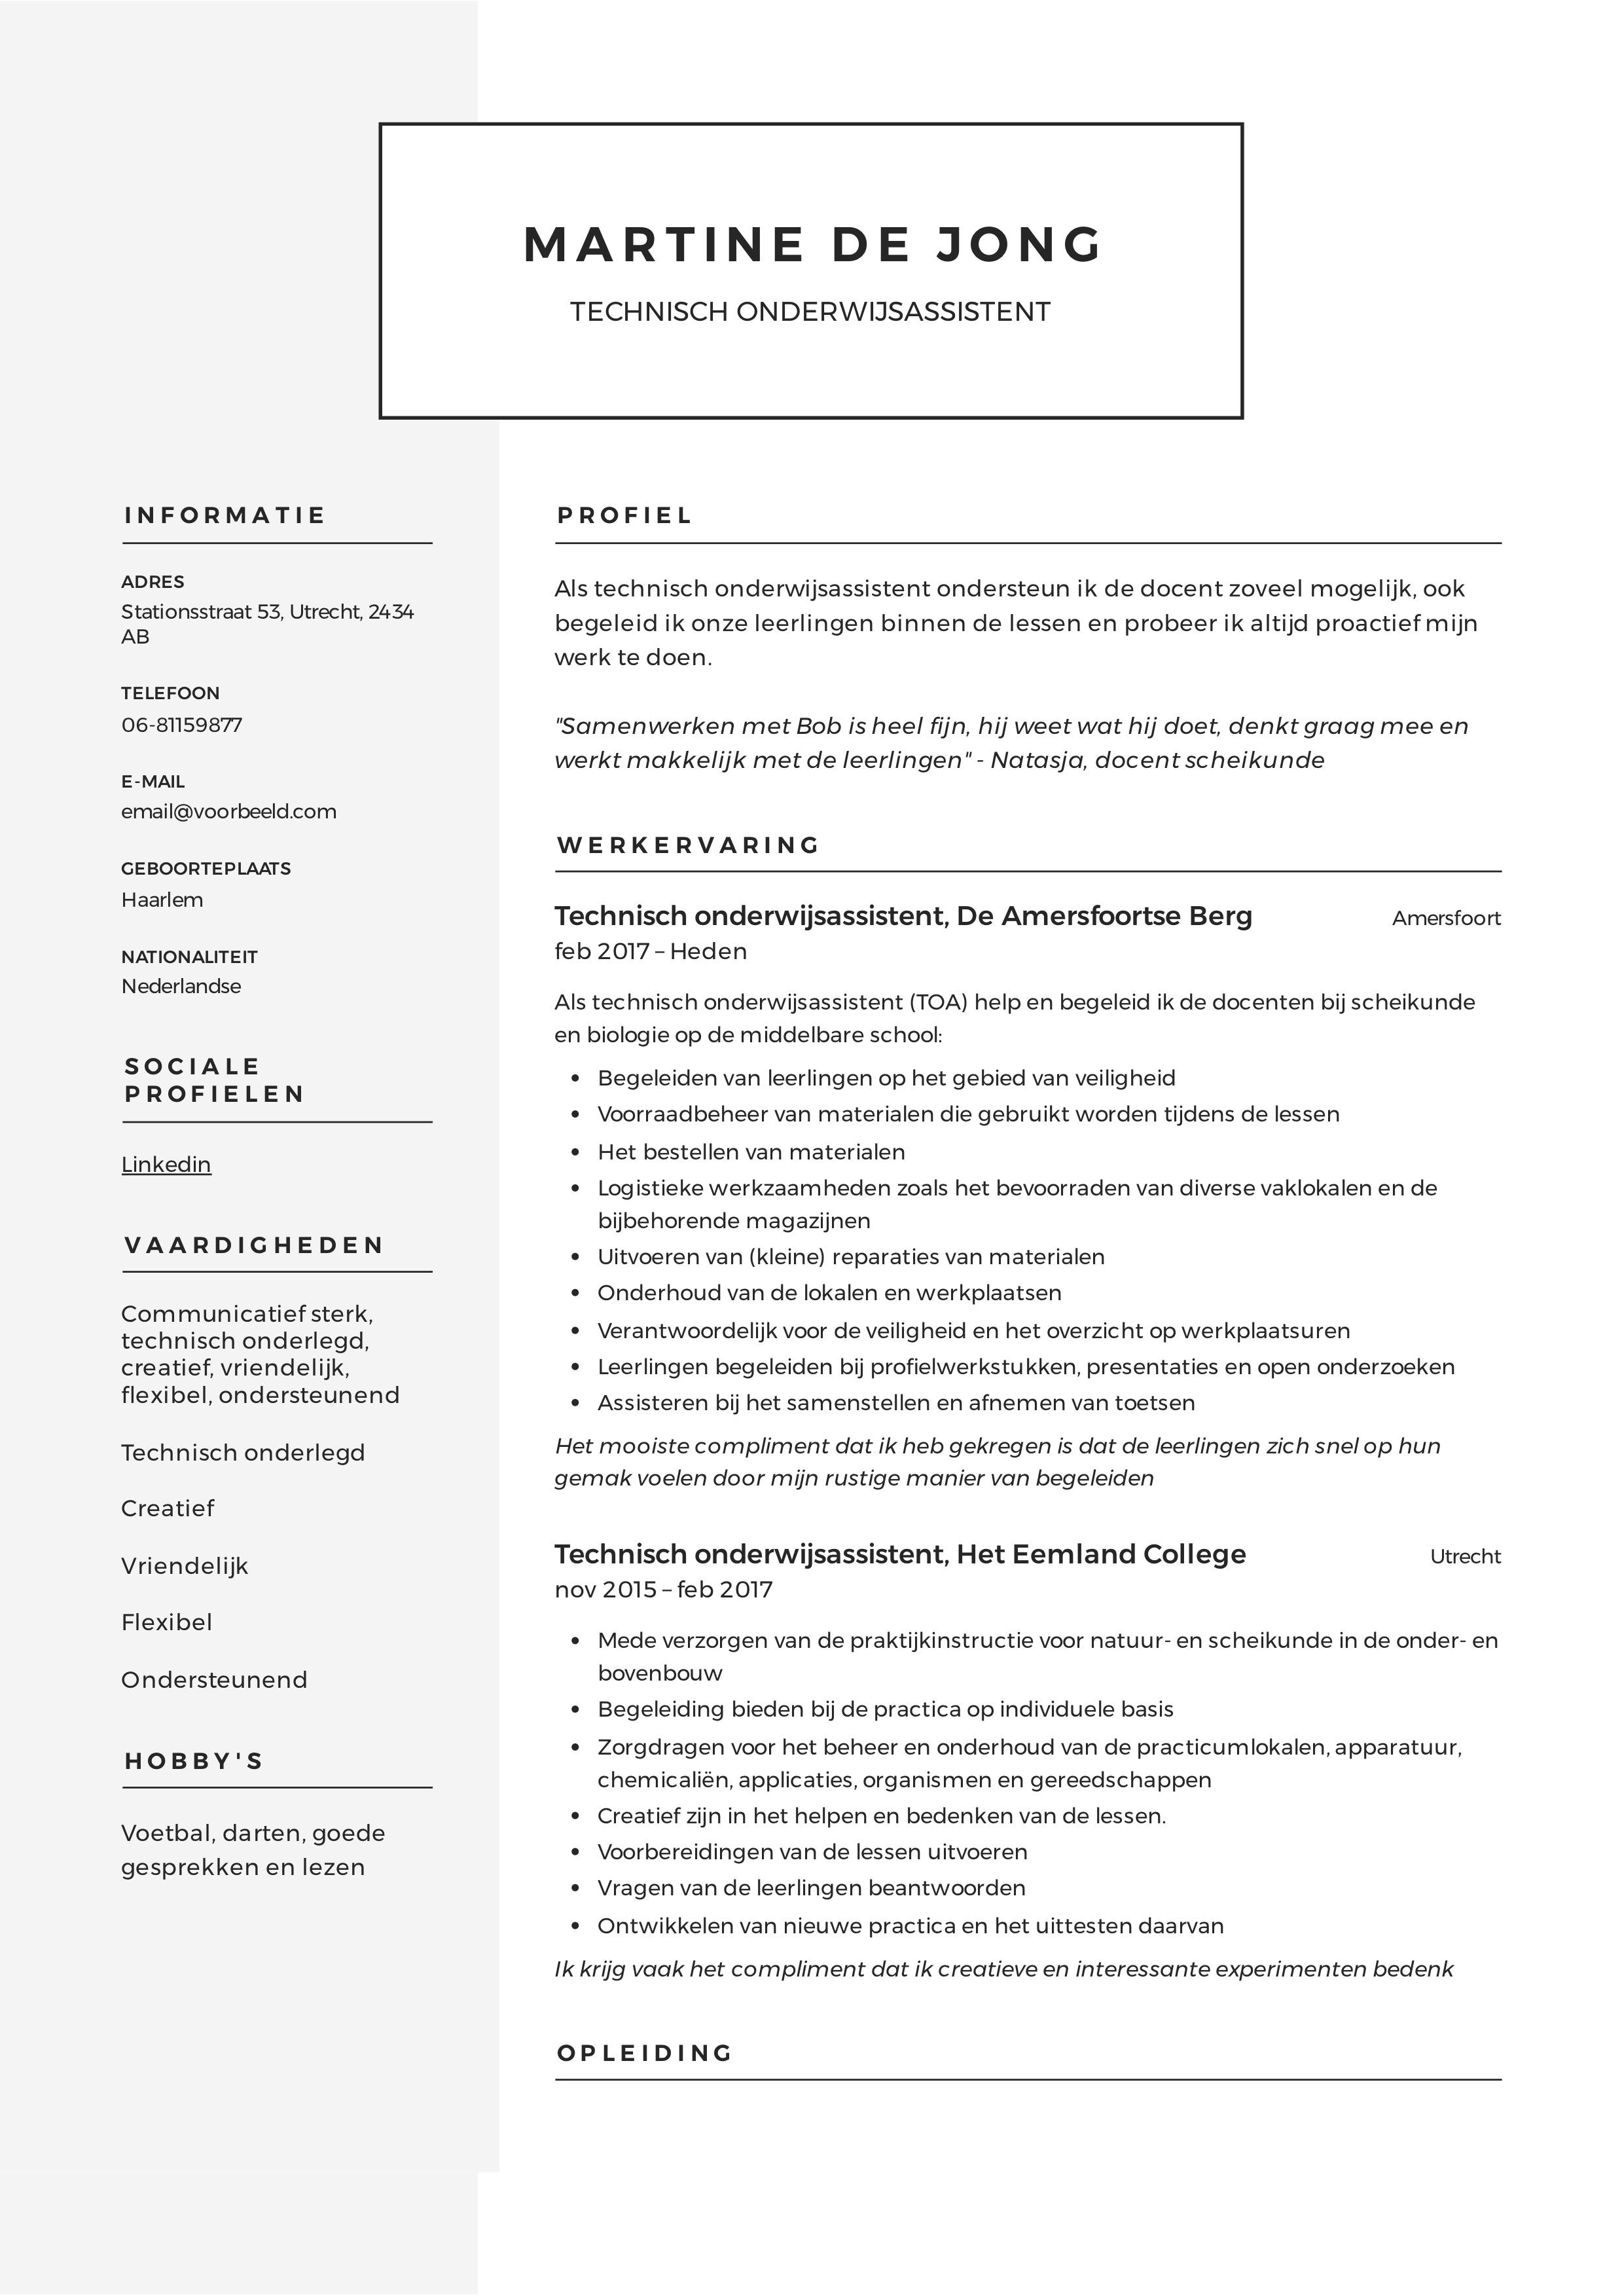 CV onderwijsassistent